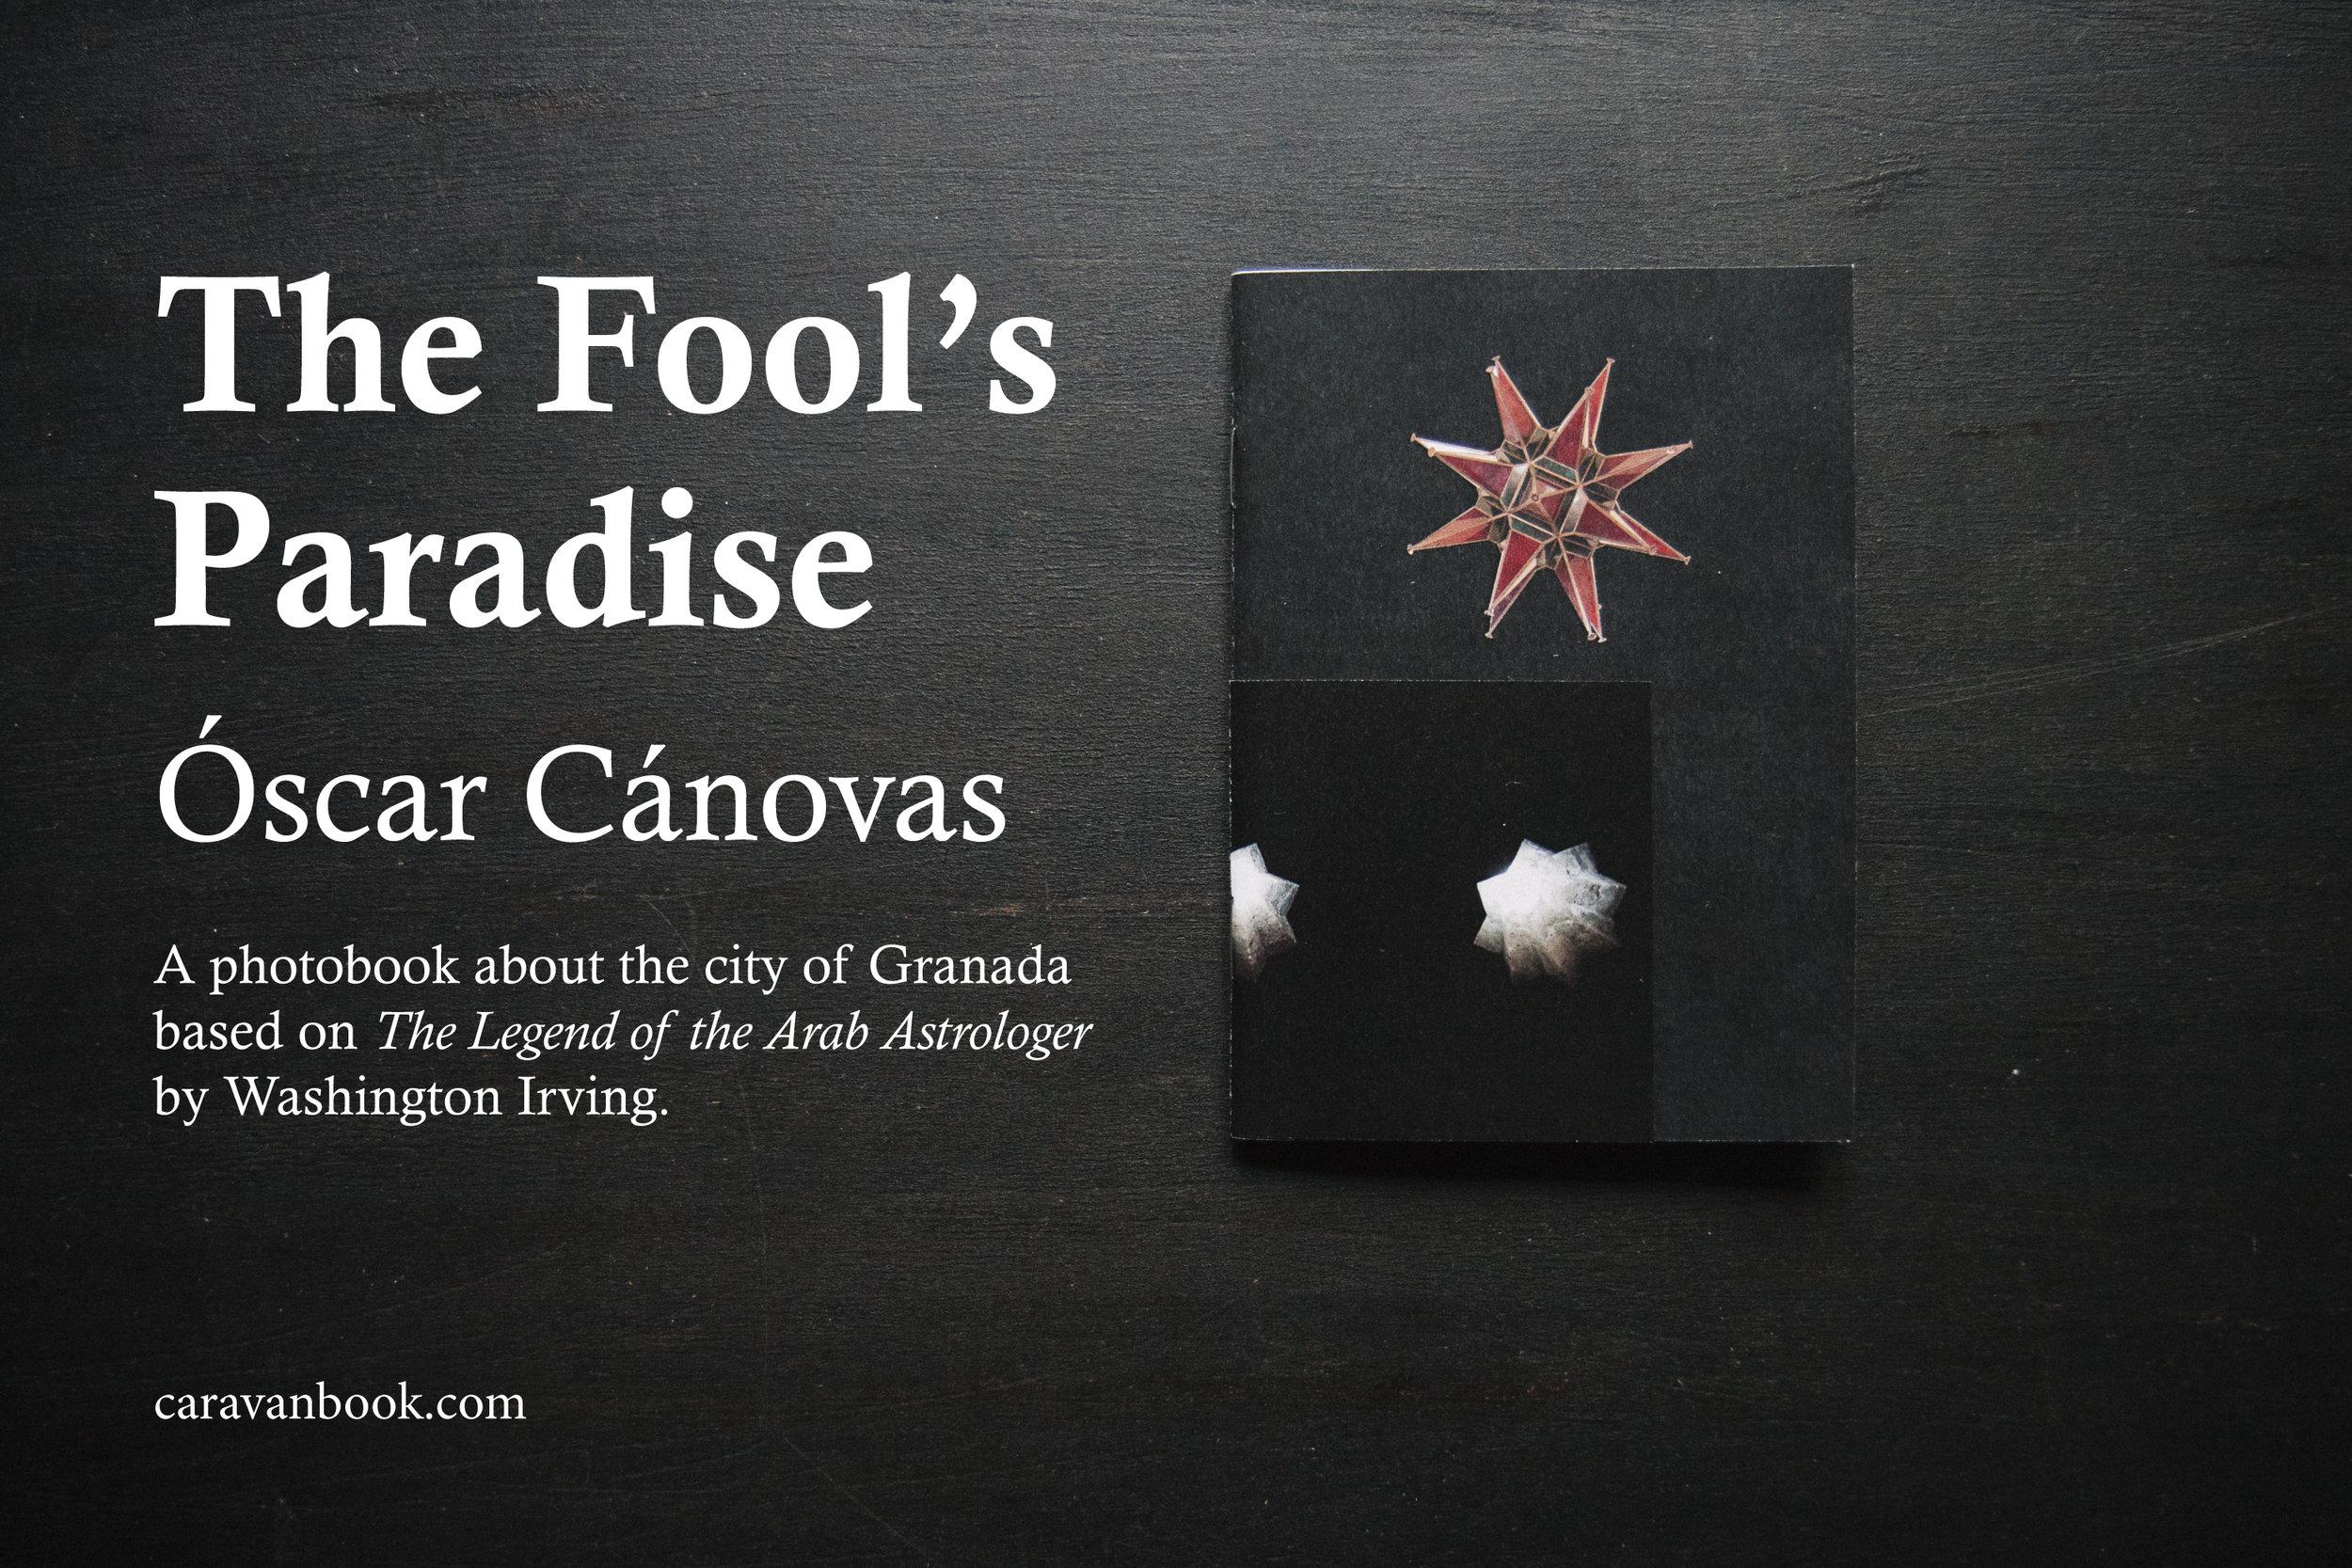 Lauch of The Fool's Paradise, a photobook about Granada by Óscar Cánovas.